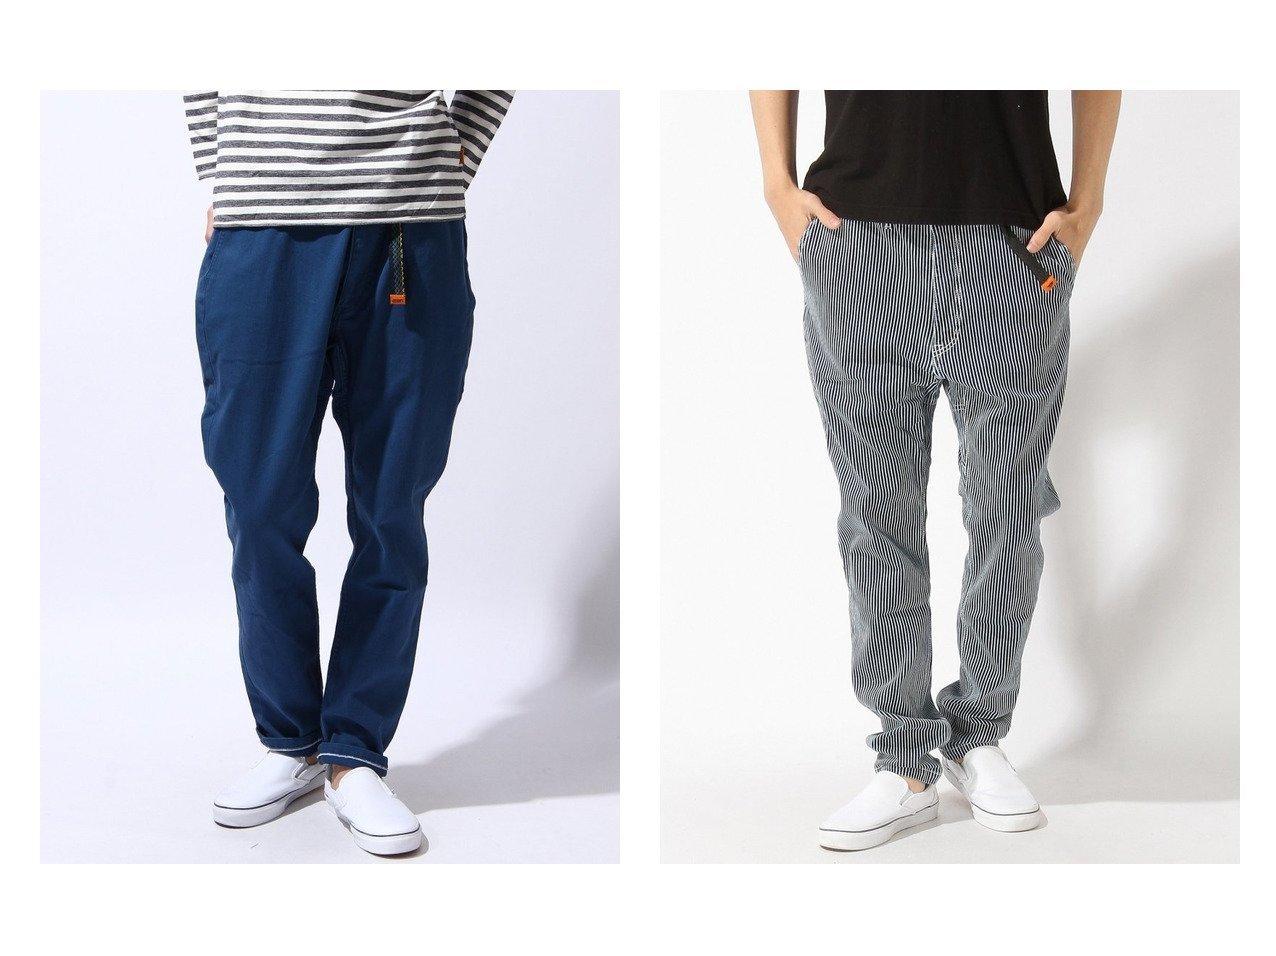 【KRIFF MAYER / MEN/クリフ メイヤー】のツイルクライミングパンツ 【MEN】おすすめ!人気トレンド・男性、メンズファッションの通販 おすすめで人気の流行・トレンド、ファッションの通販商品 メンズファッション・キッズファッション・インテリア・家具・レディースファッション・服の通販 founy(ファニー) https://founy.com/ ファッション Fashion メンズファッション MEN ボトムス Bottoms Men ジーンズ ストレッチ ストレート ループ ロールアップ |ID:crp329100000023141